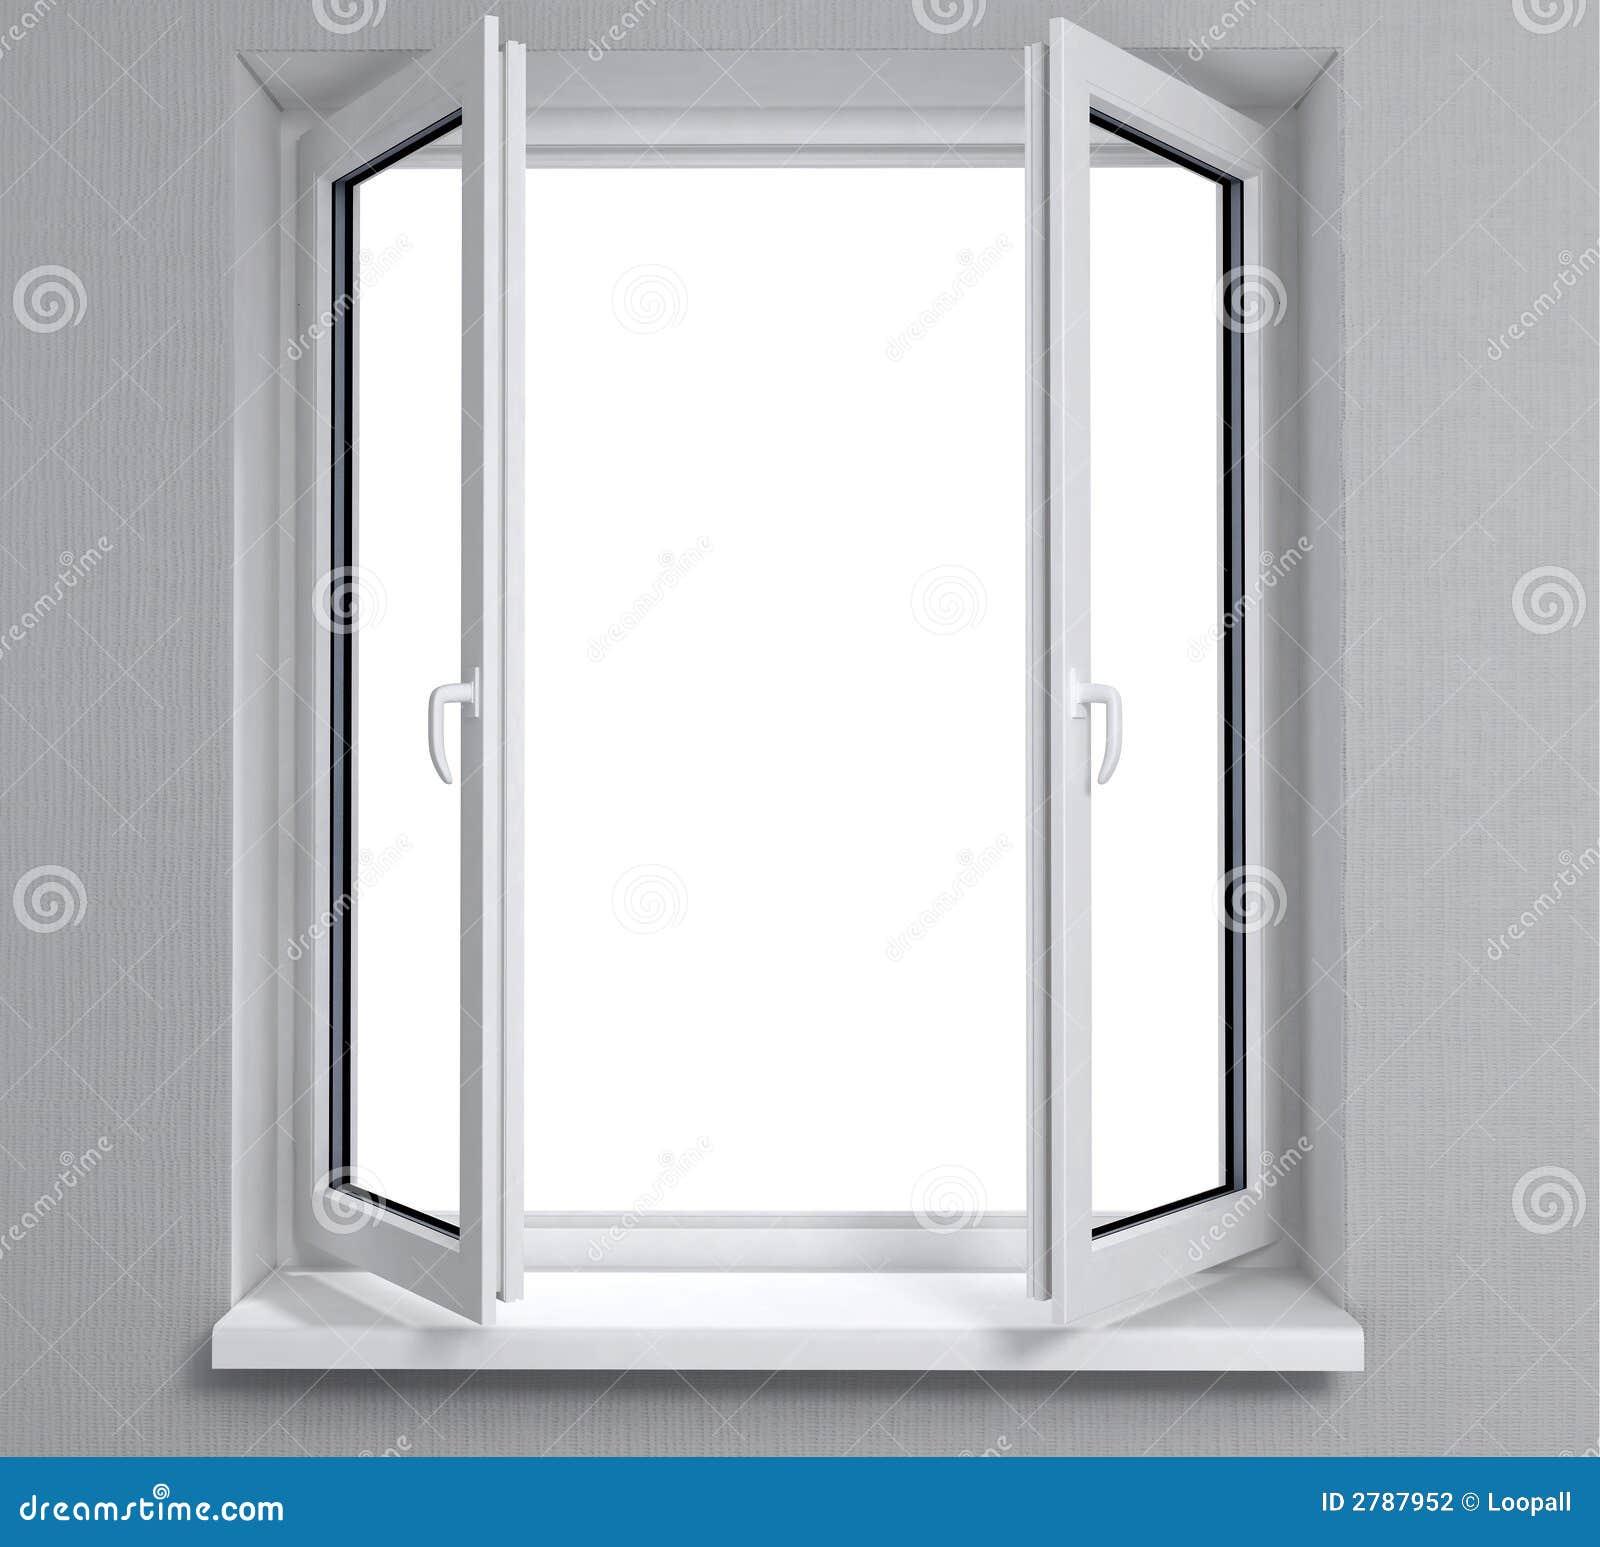 Finestra aperta fotografia stock immagine 2787952 - Blocca finestra aperta ...